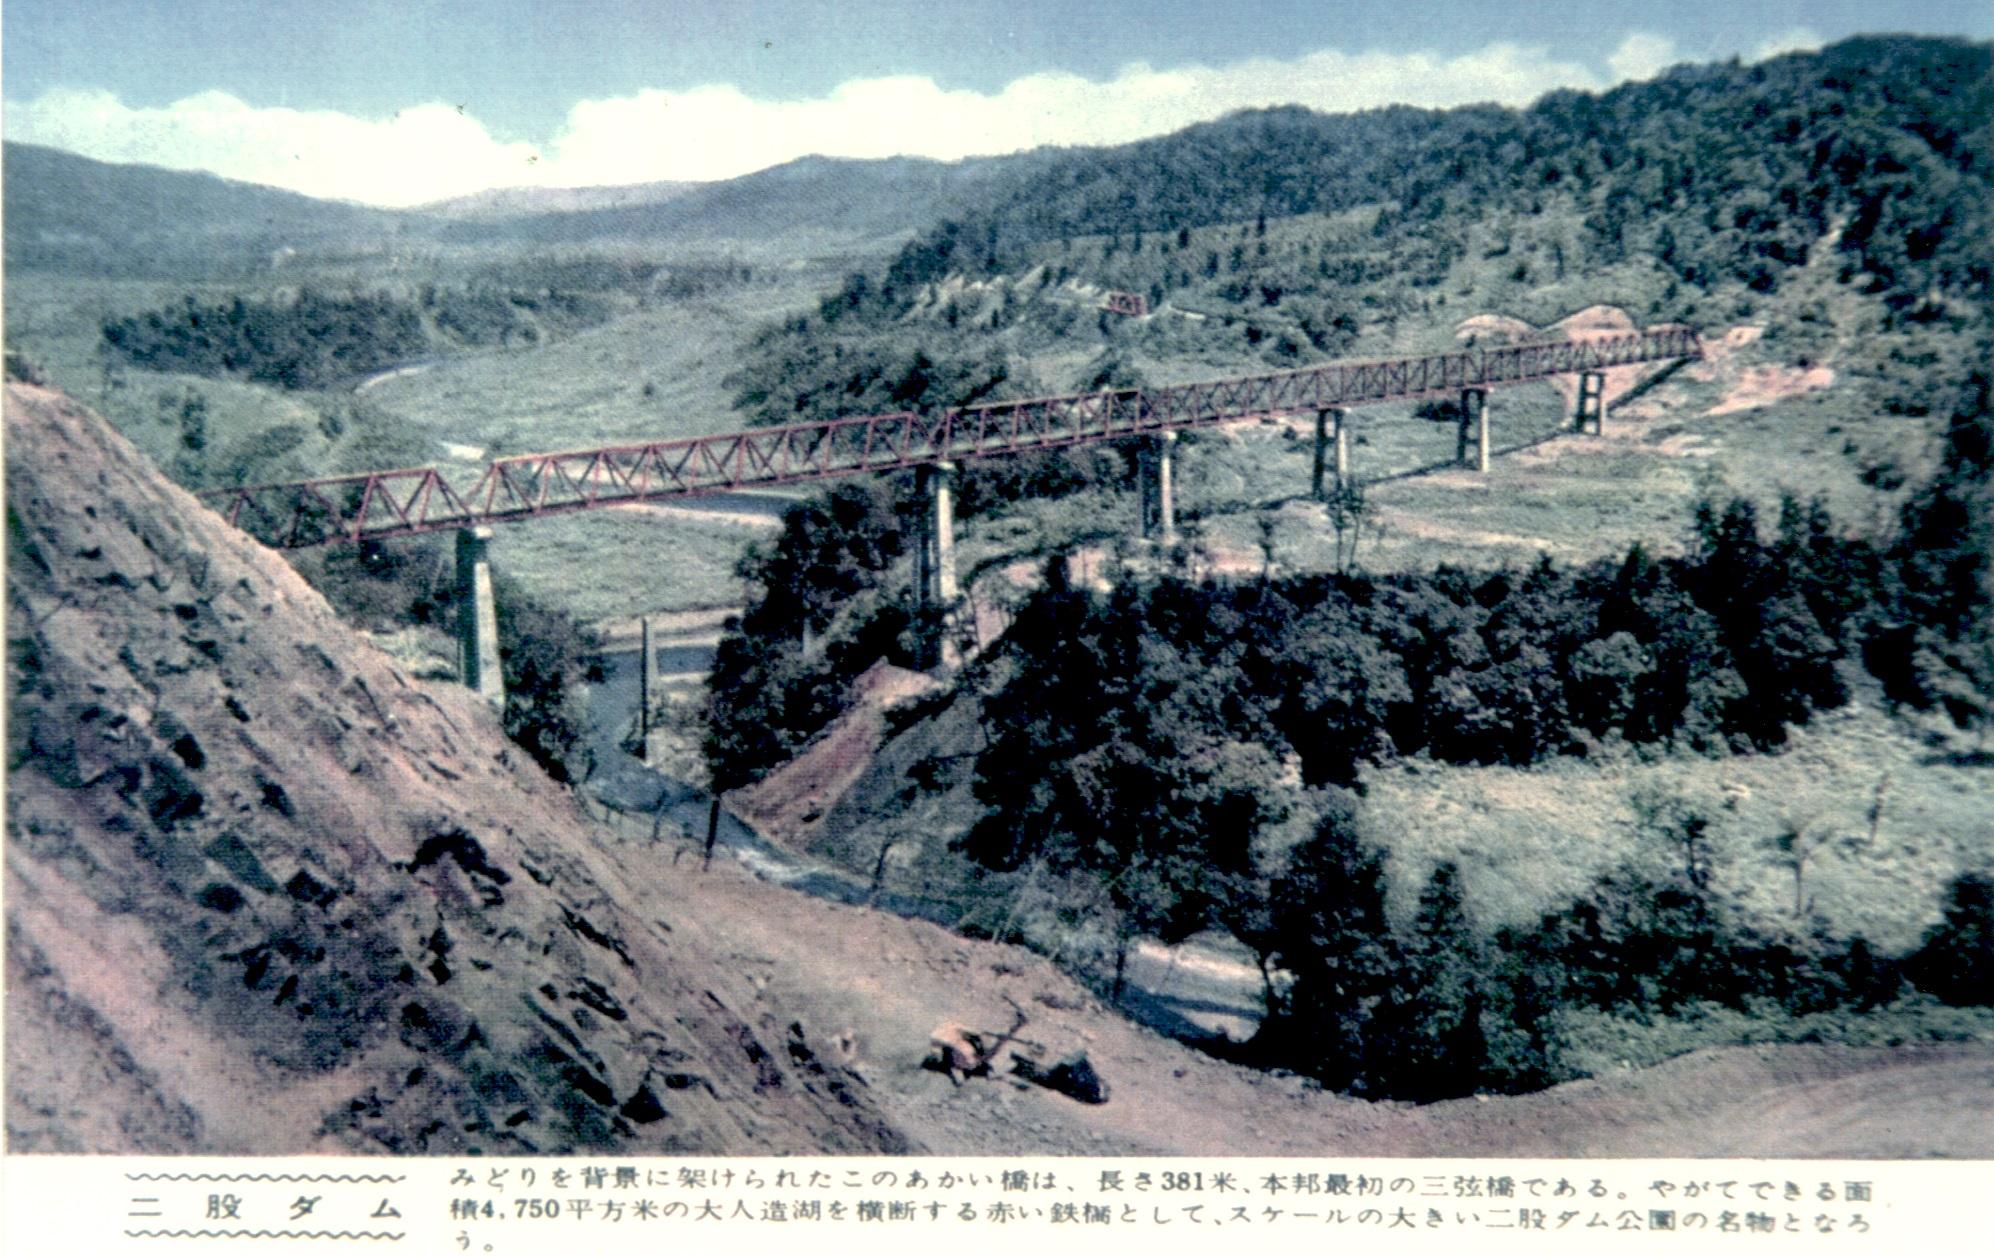 昭和30年代 三弦橋